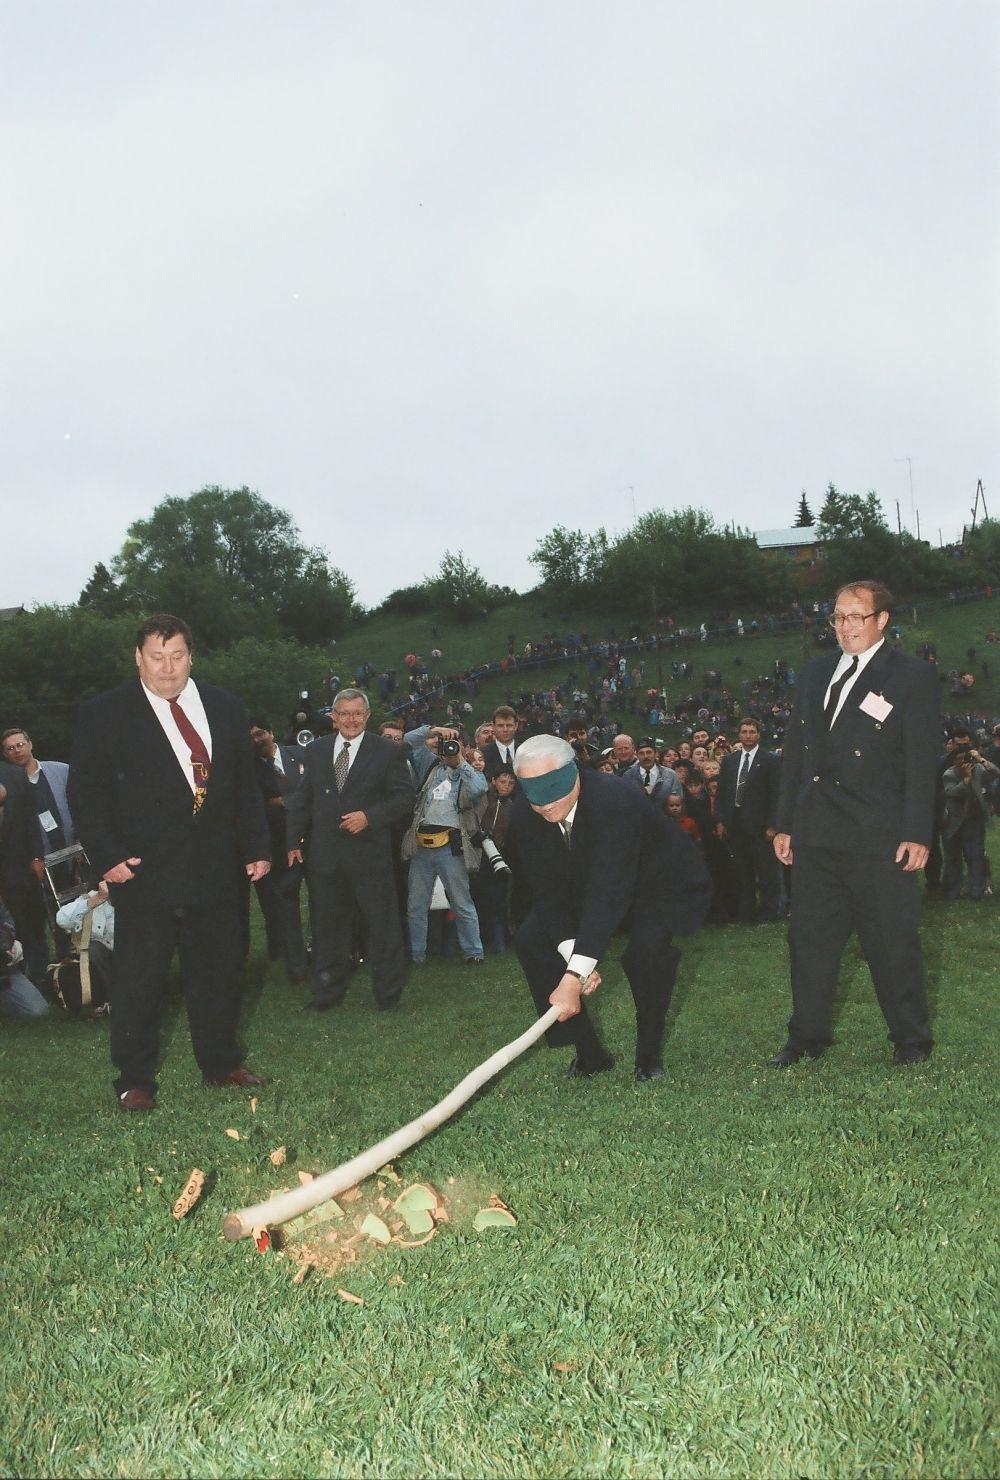 Один из самых известных снимков Козловского - Борис Ельцин в 90-х побывал на Сабантуе и участвовал в конкурсе разбивания глиняного горшка.